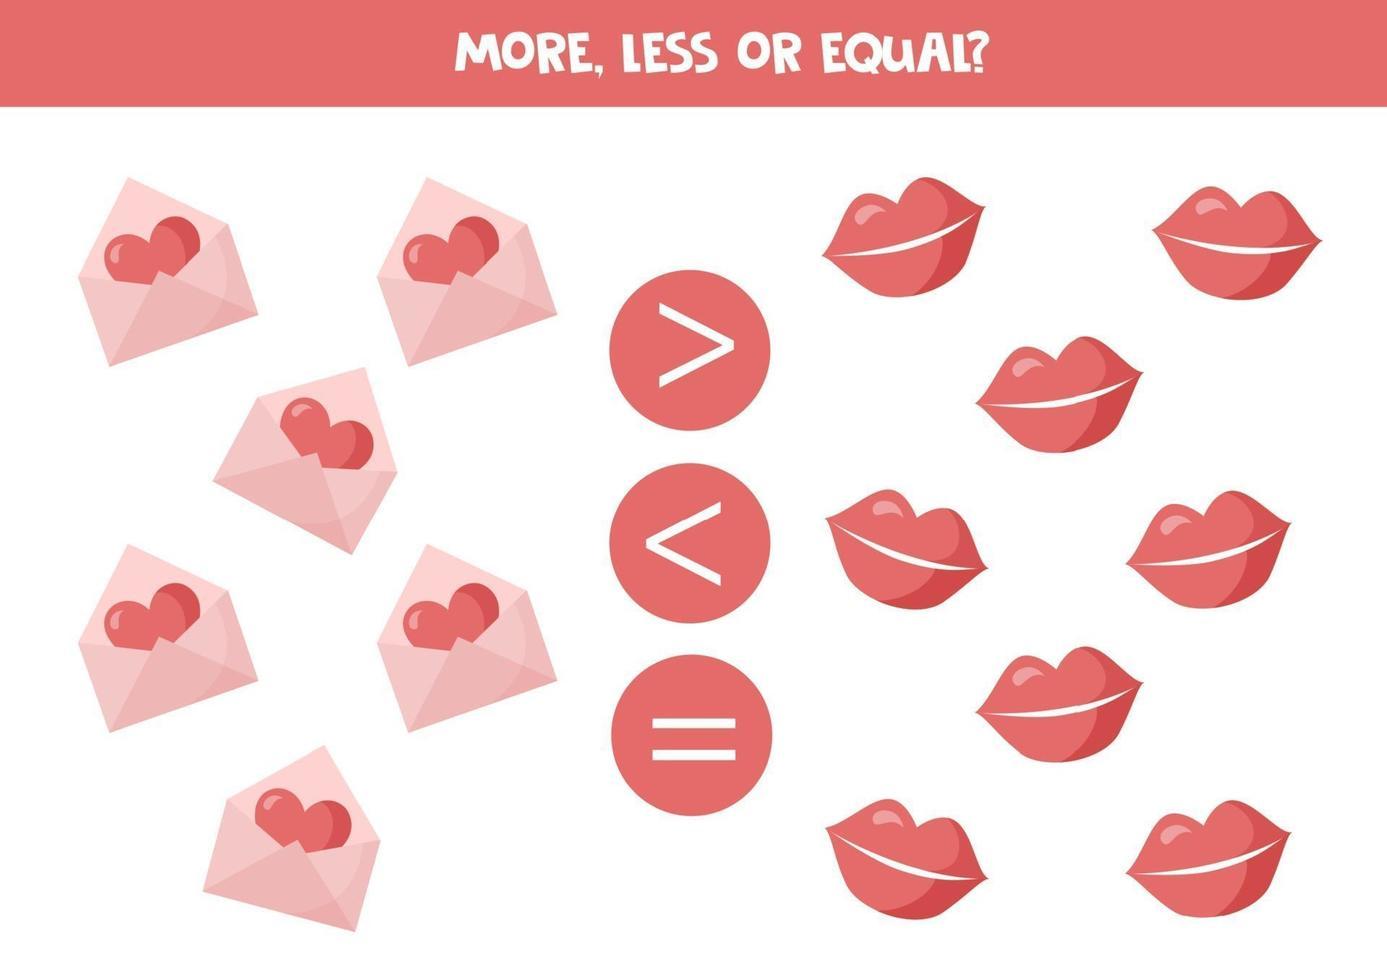 mer, mindre, lika med söta valentinelement. matematikspel. vektor